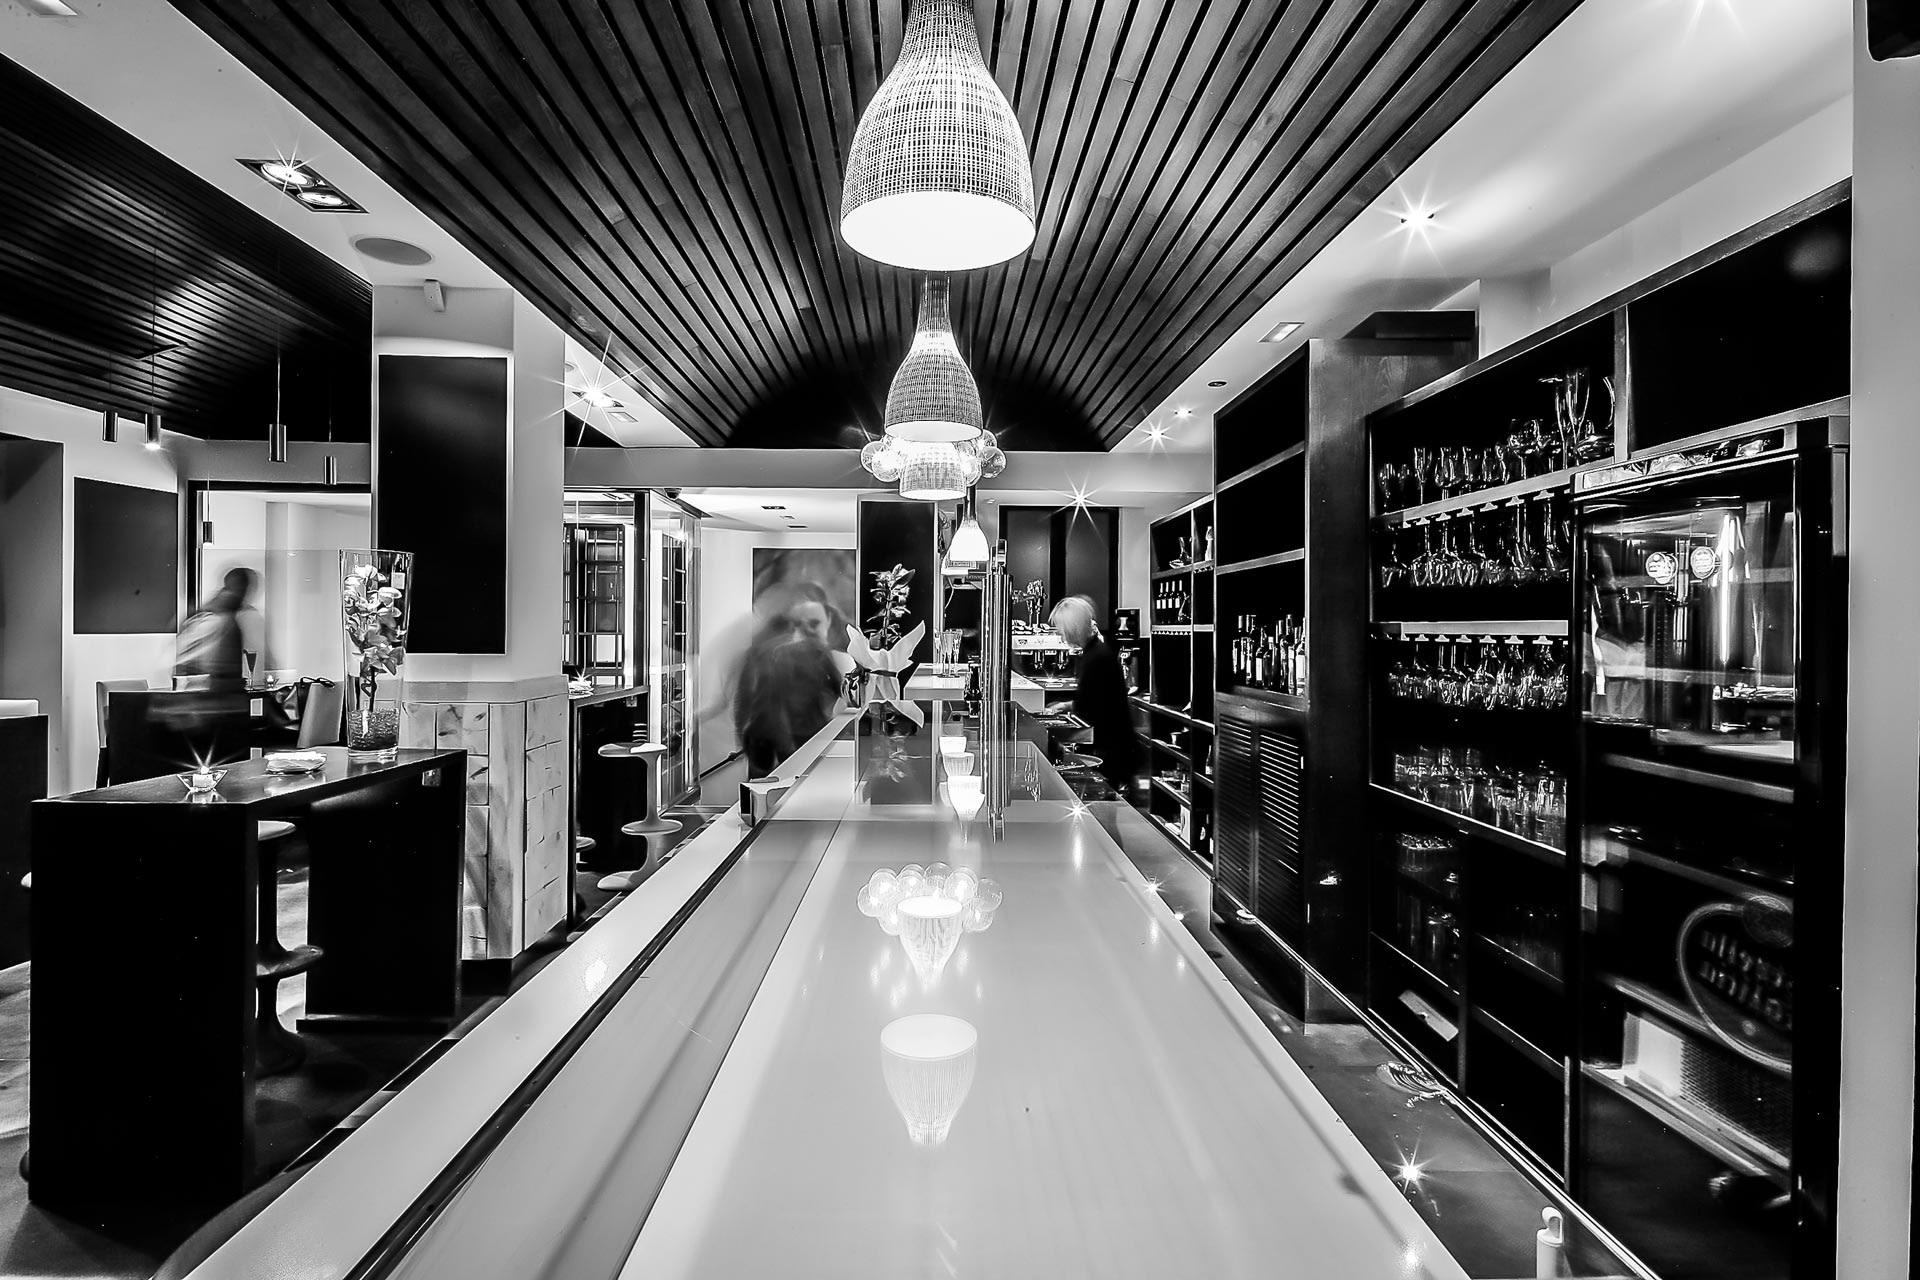 Interior 1 - Desarrollo de proyecto de interiorismo - Restaurante 5 Gustos La Cocina de Palmira Soler